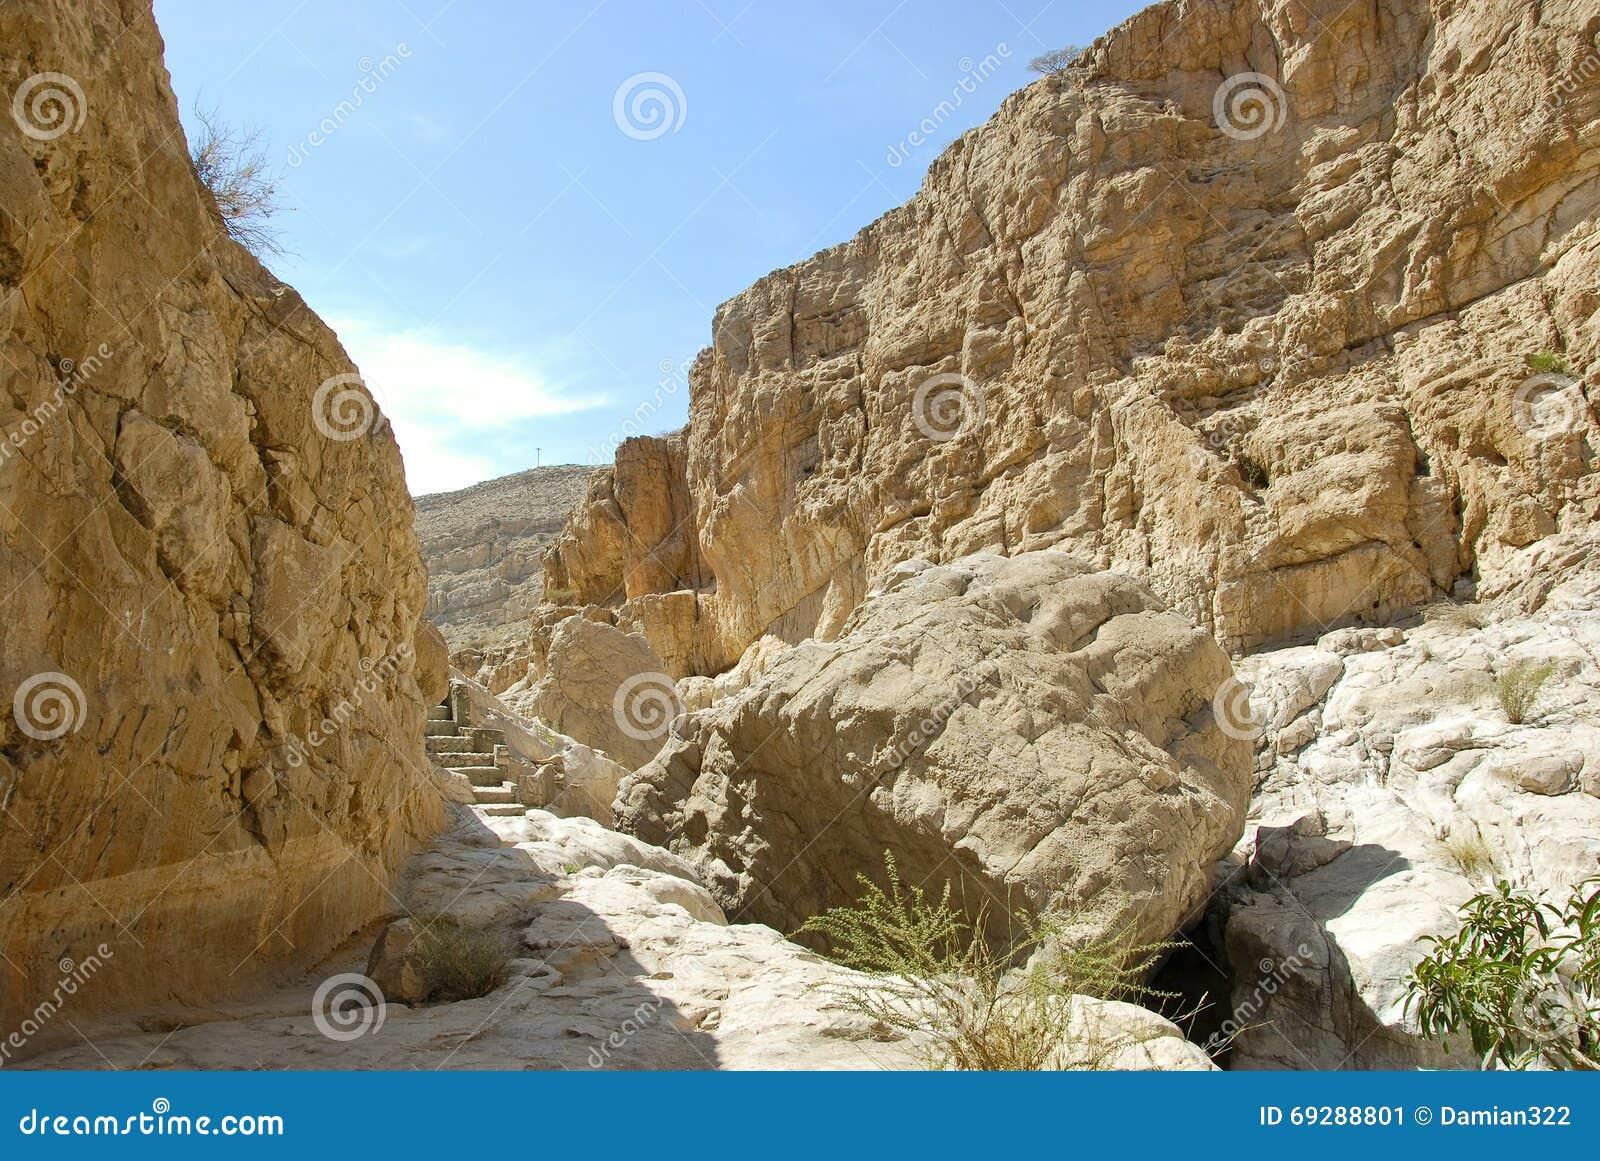 沙z9khya9m._旱谷巴尼卡利德,灰sharqiyah地区,阿曼.